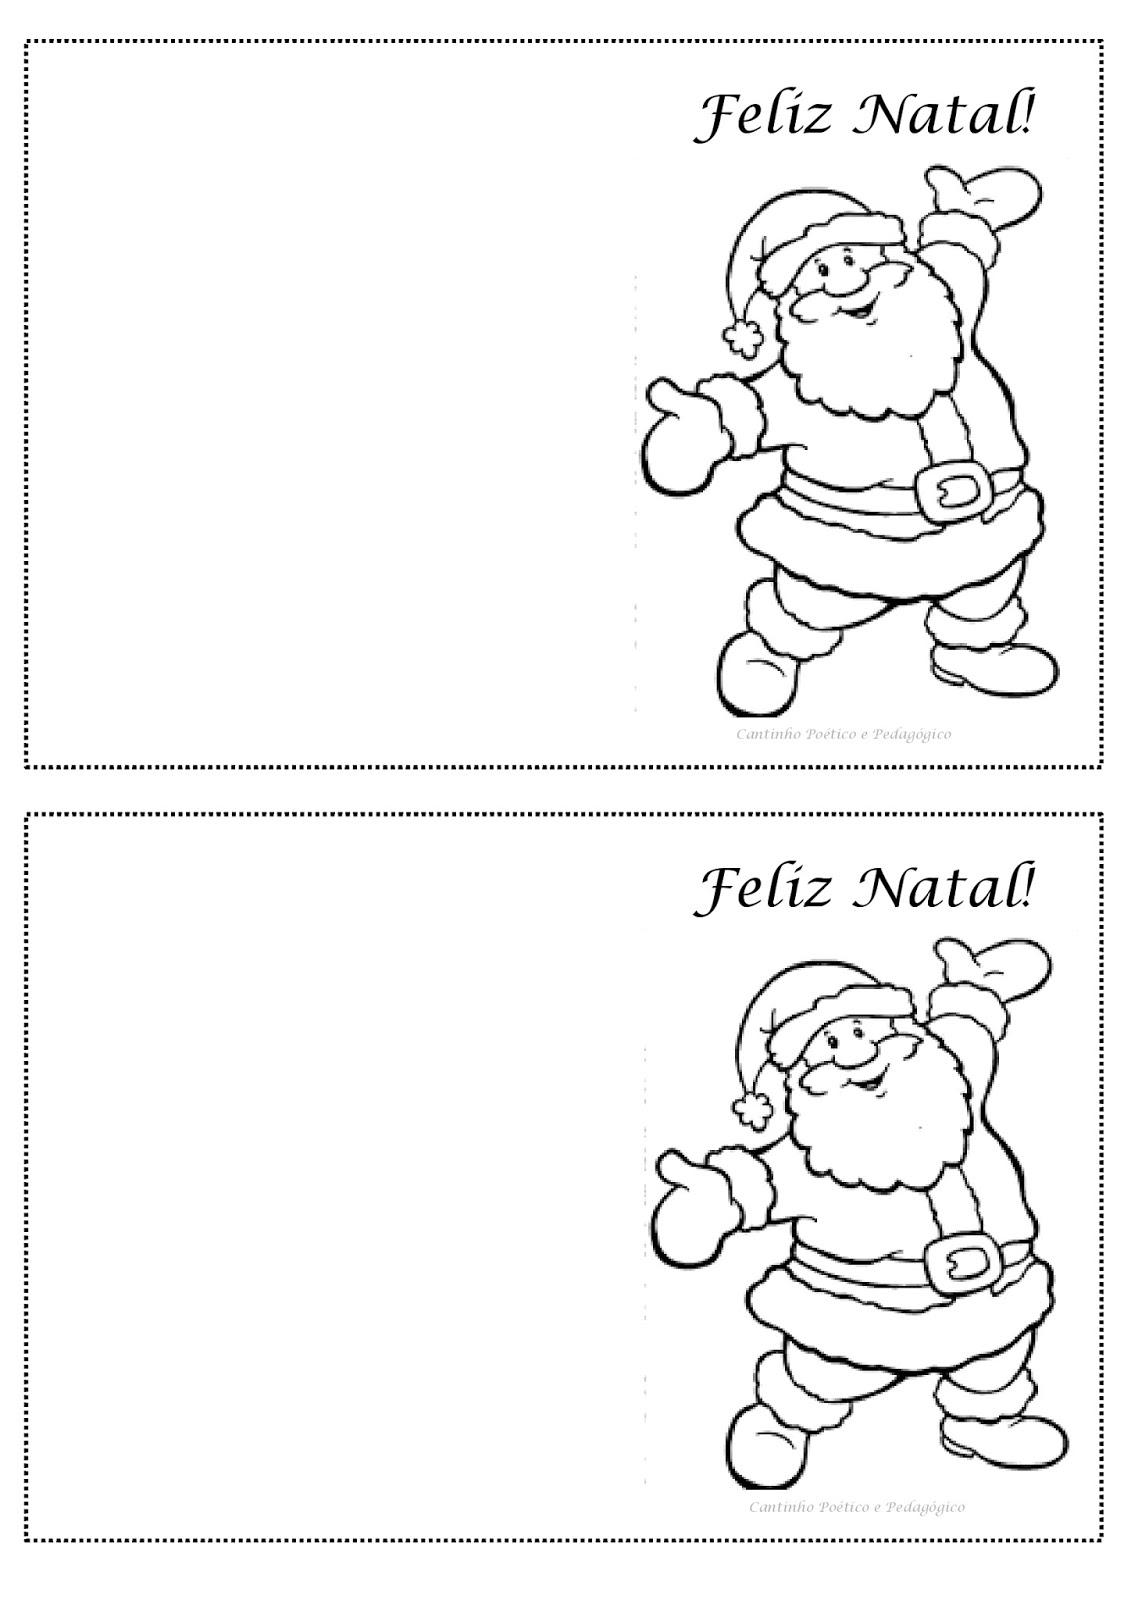 Cantinho Poetico E Pedagogico Cartoes De Natal Para Colorir